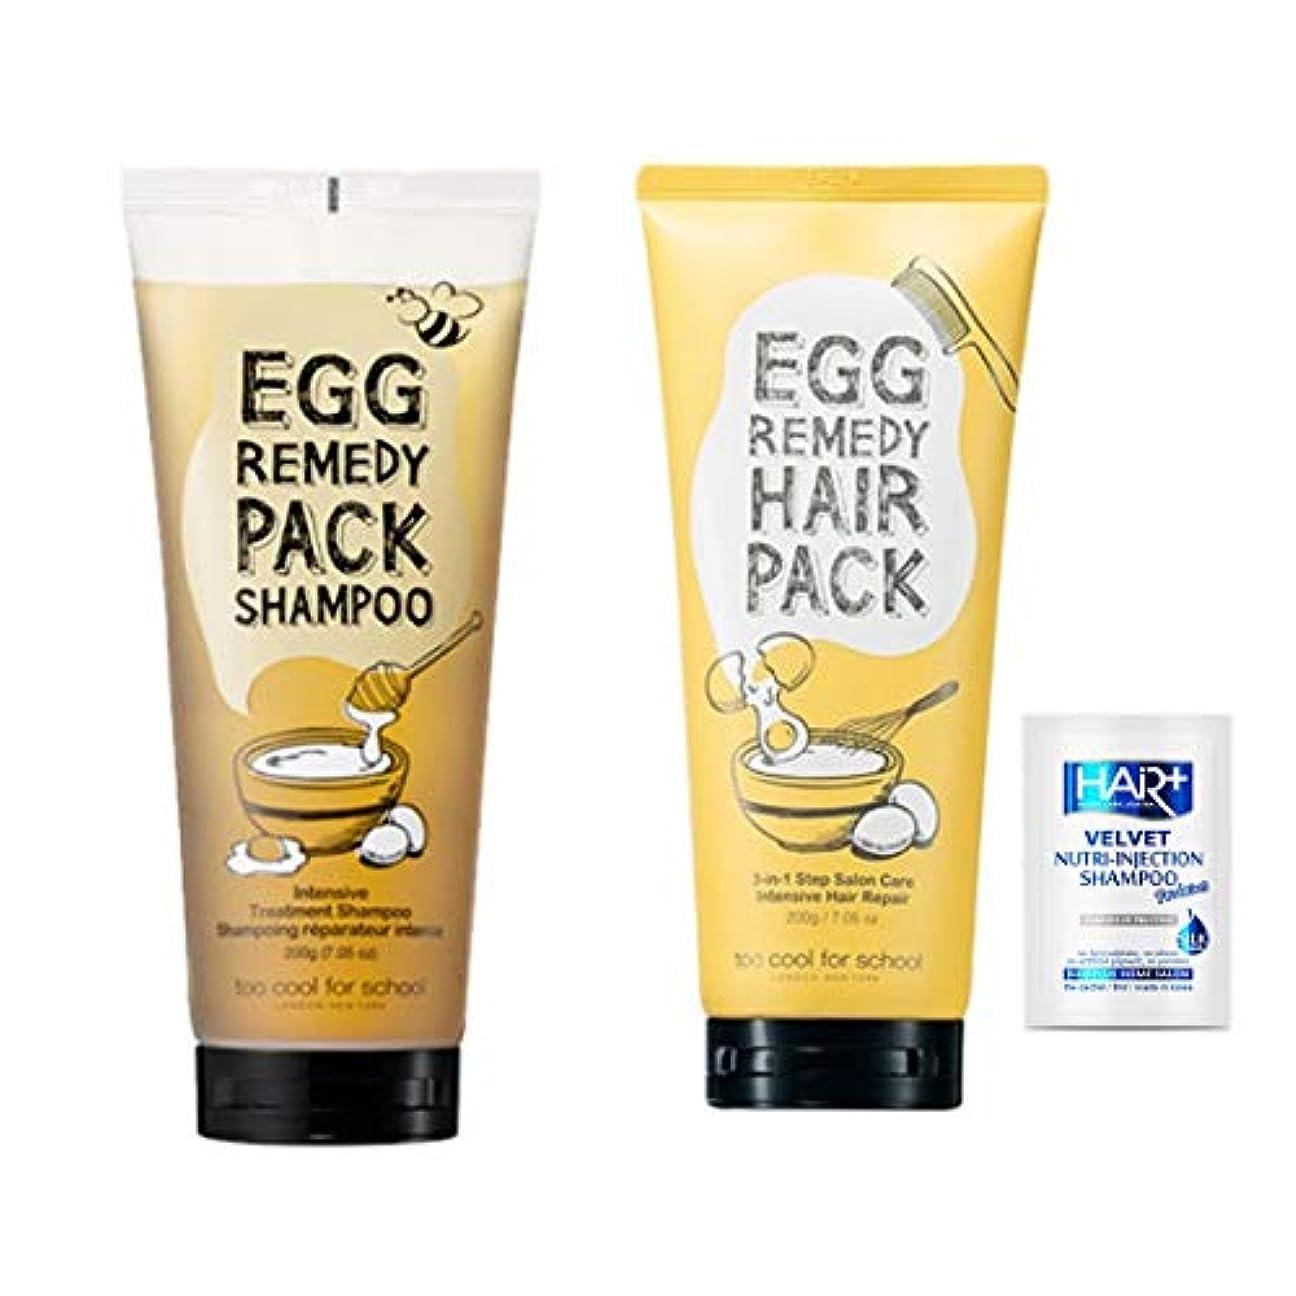 信条お風呂を持っているビデオトゥークールフォ―スクール(too cool for school)/エッグレミディパックシャンプーtoo cool for school Egg Remedy Pack Shampoo 200ml + エッグレミディヘアパック...